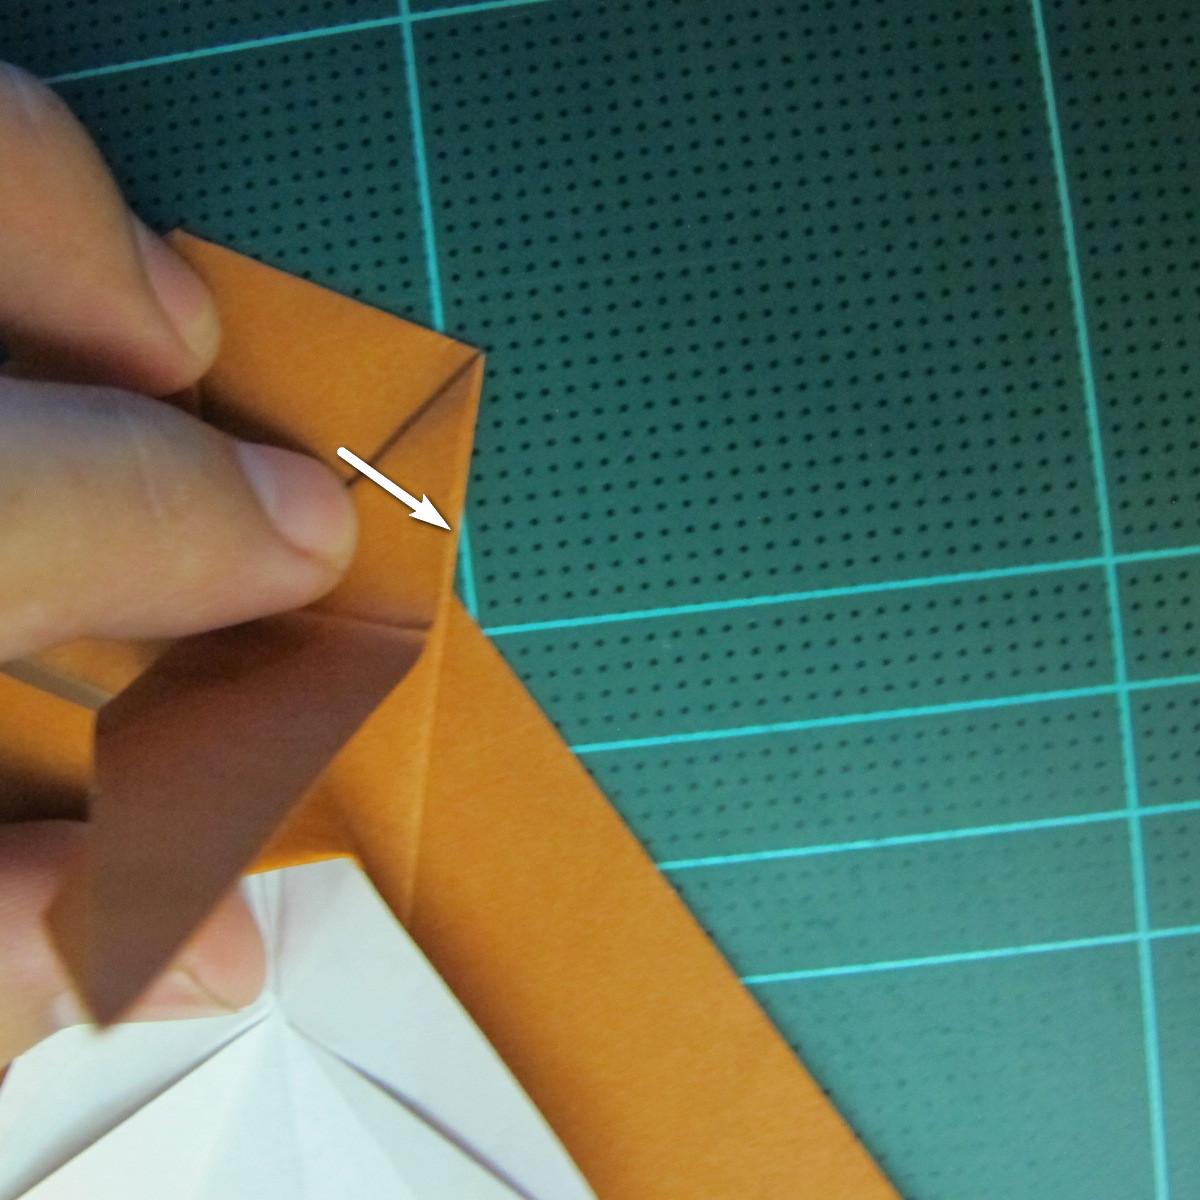 วิธีการพับกระดาษเป็นรูปกบ (แบบโคลัมเบี้ยน) (Origami Frog) 028